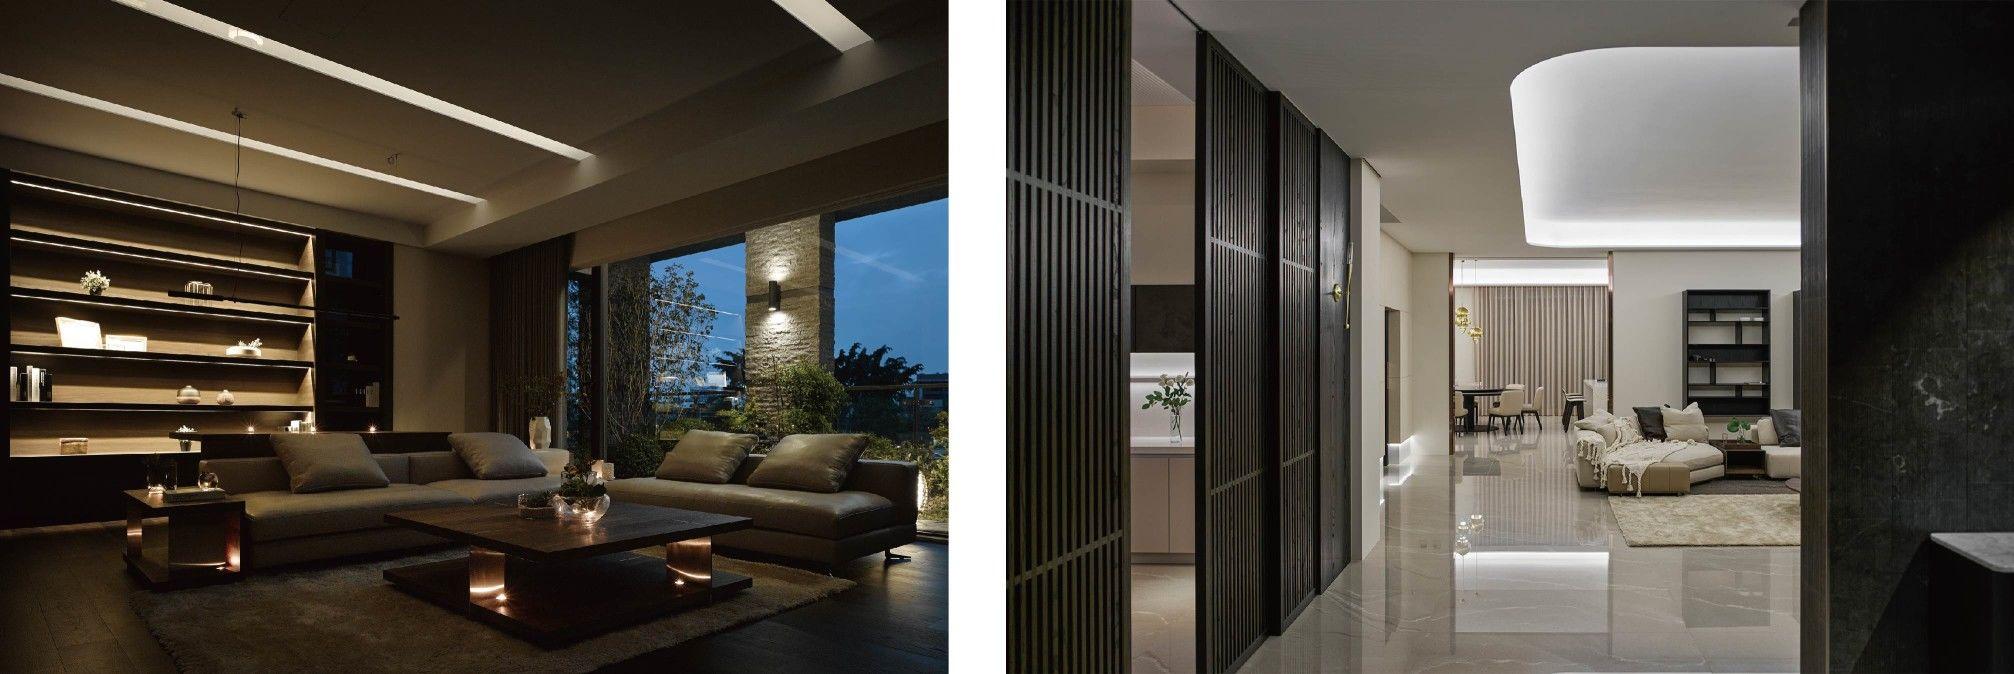 分子室內裝修設計-室內空間、商業空間-照明規劃